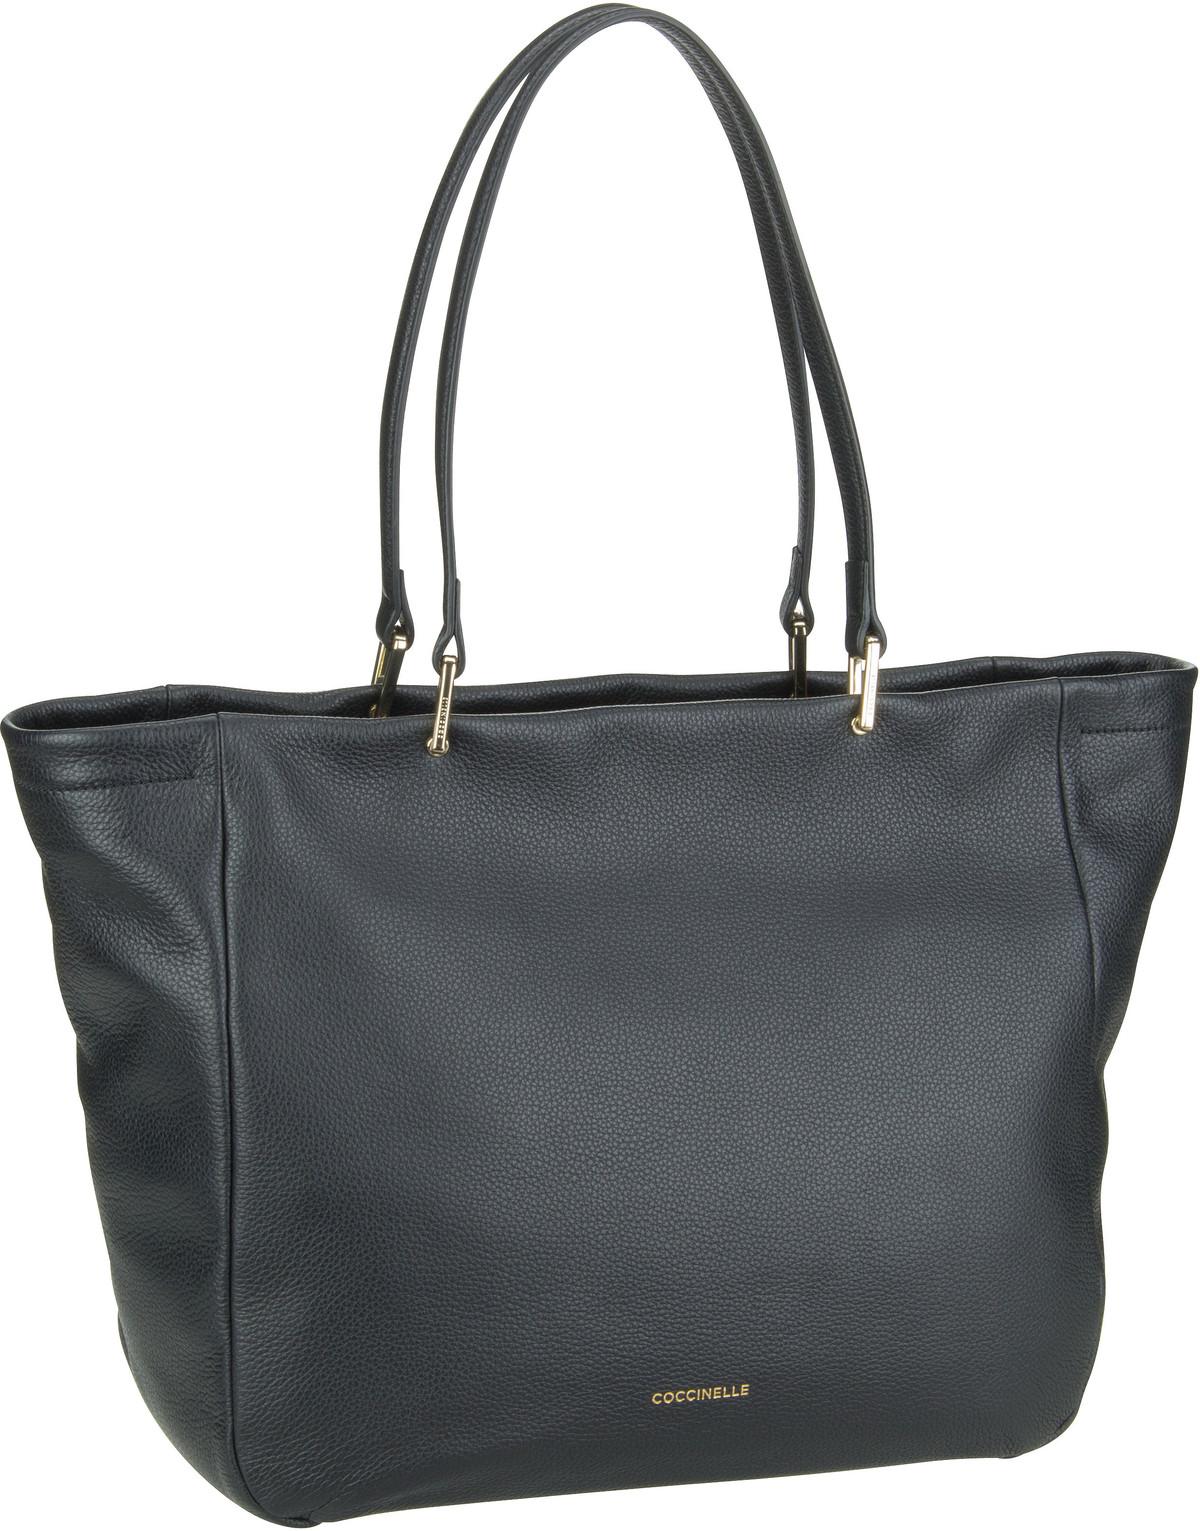 Handtasche Rendez-Vous 1102 Nero